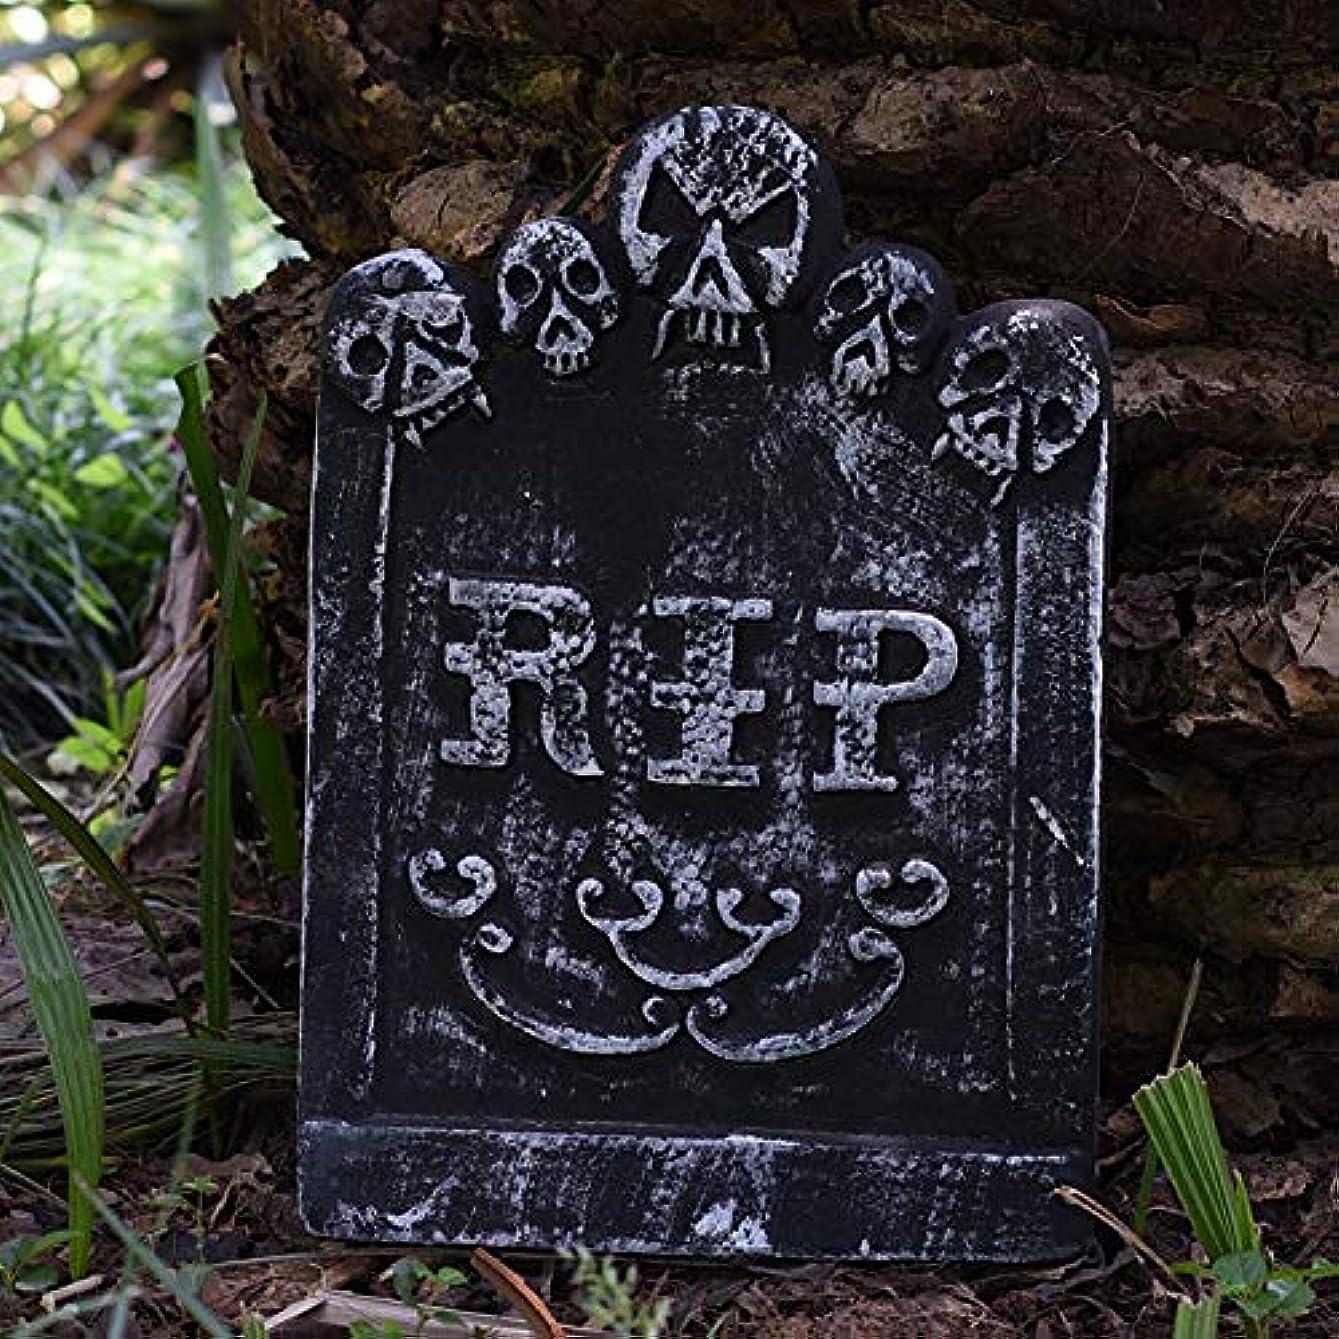 メニュー天皇チャットETRRUU HOME ハロウィン墓の小道具ステレオ墓石お化け屋敷バールームエスケープタトゥーショップの装飾